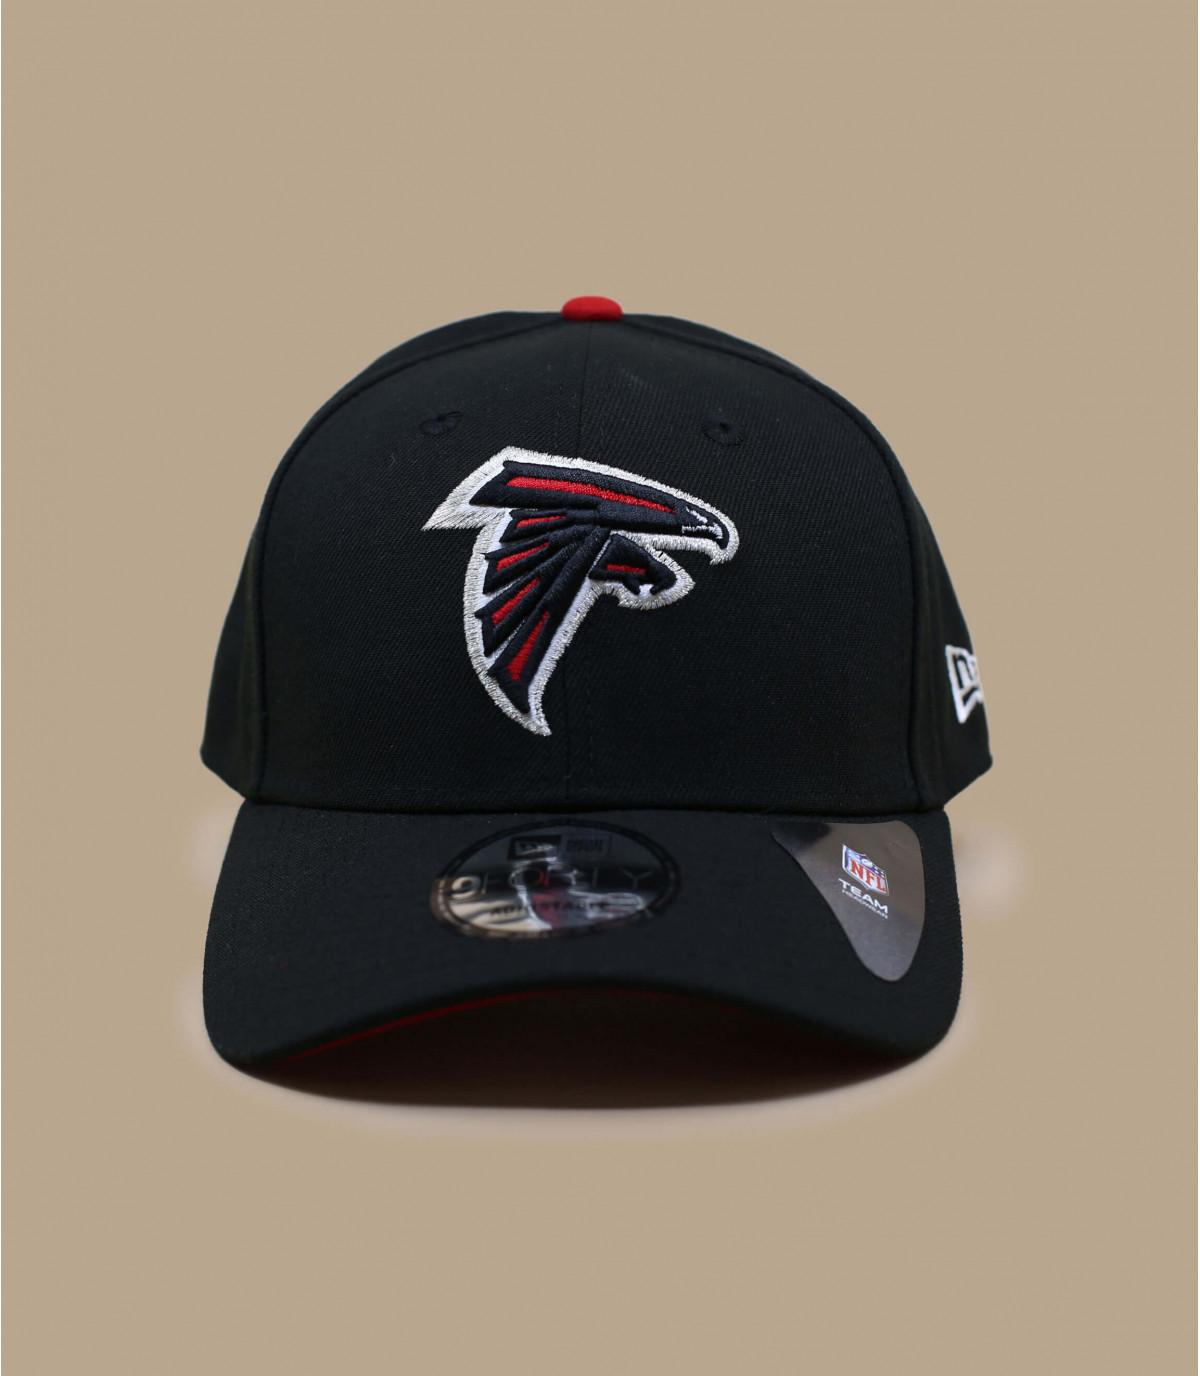 casquette Falcons NFL